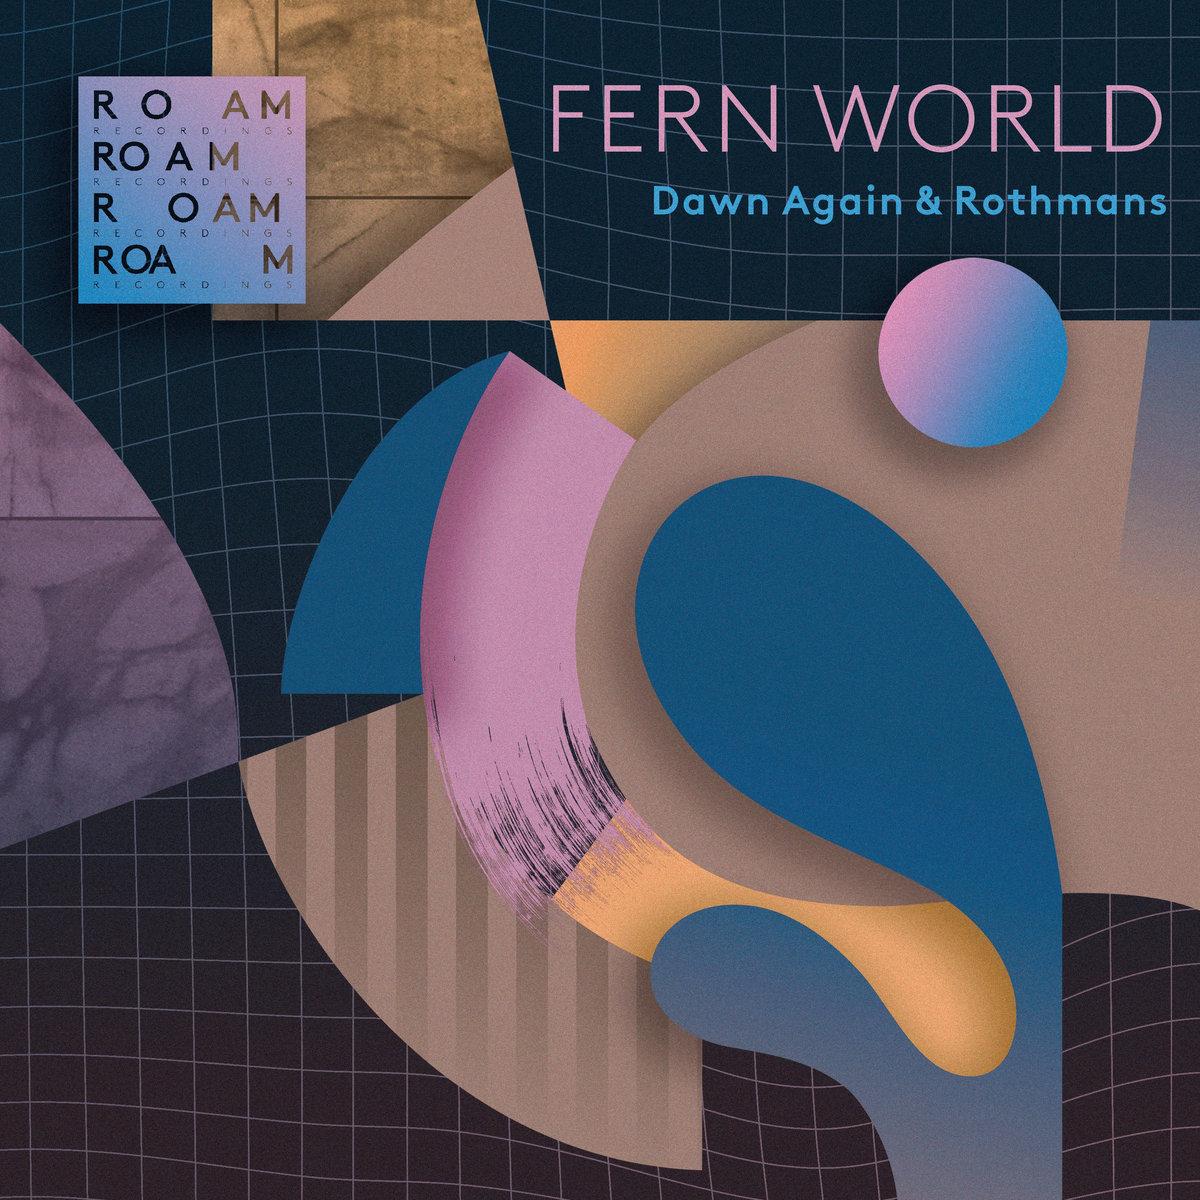 fern world - rothmans & dawn again